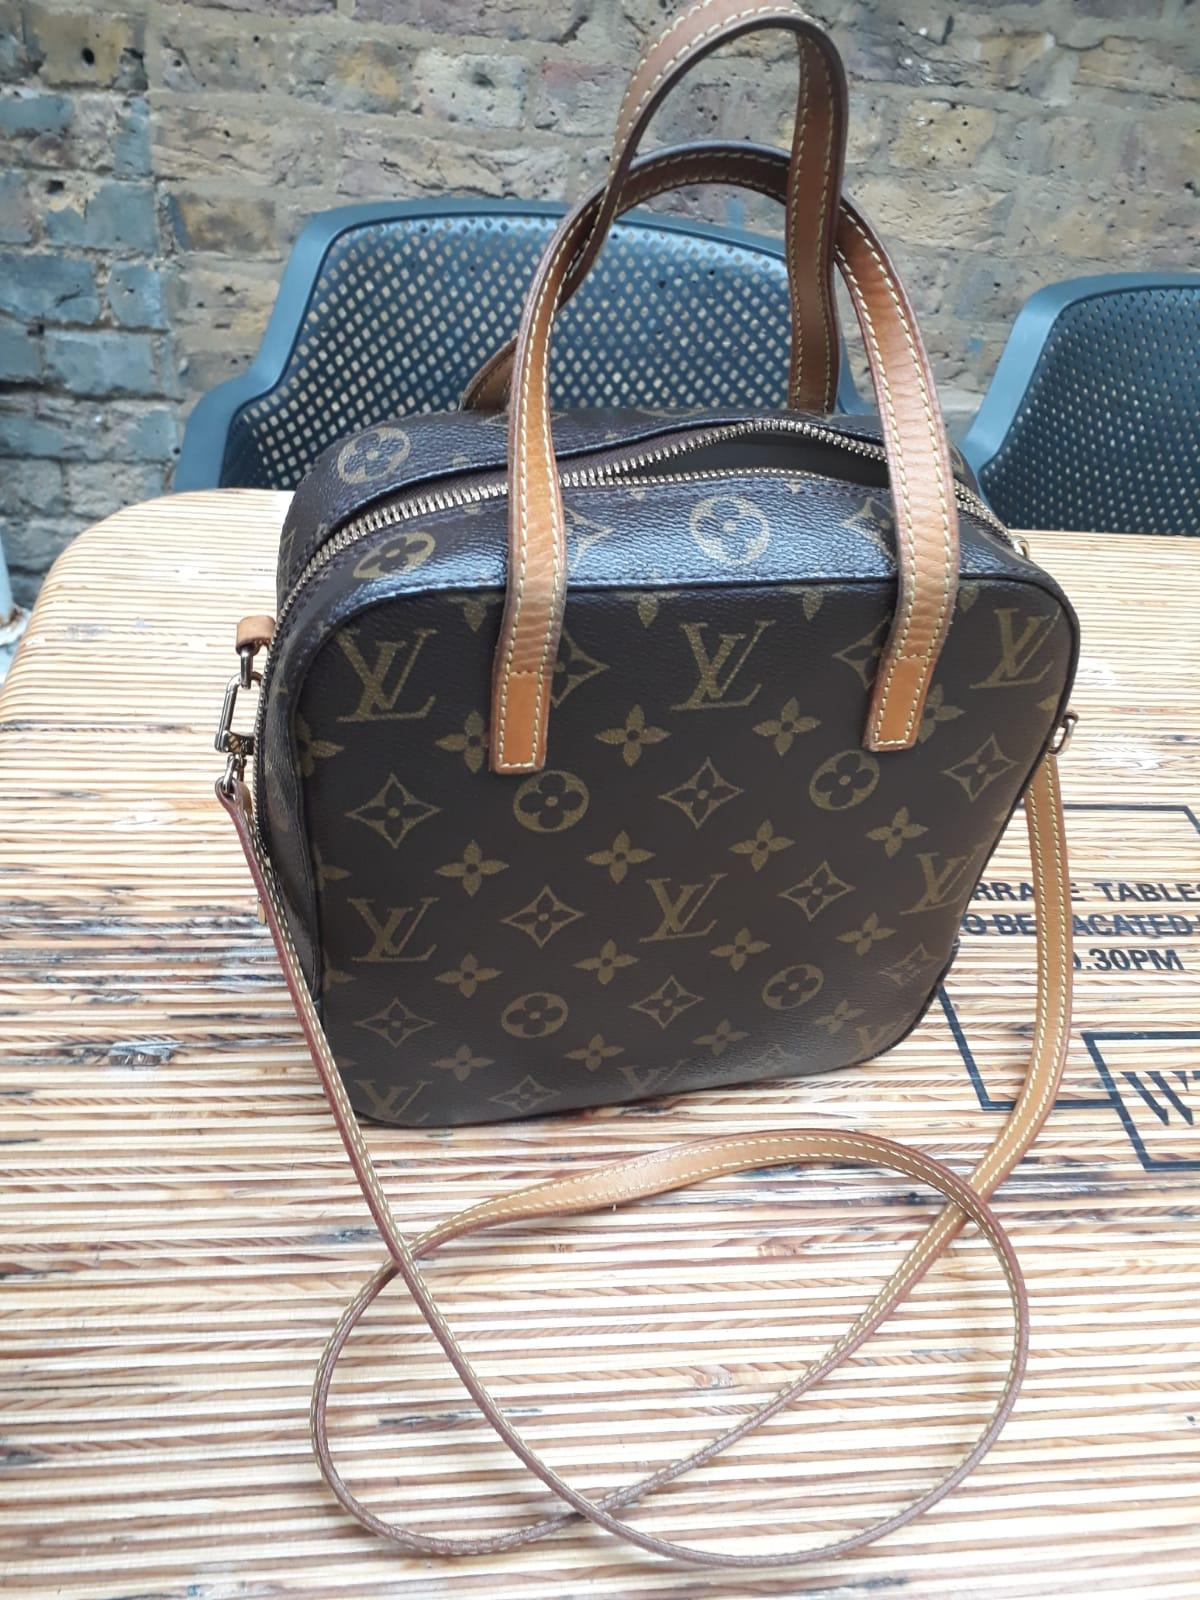 Luis Viutton Handbag